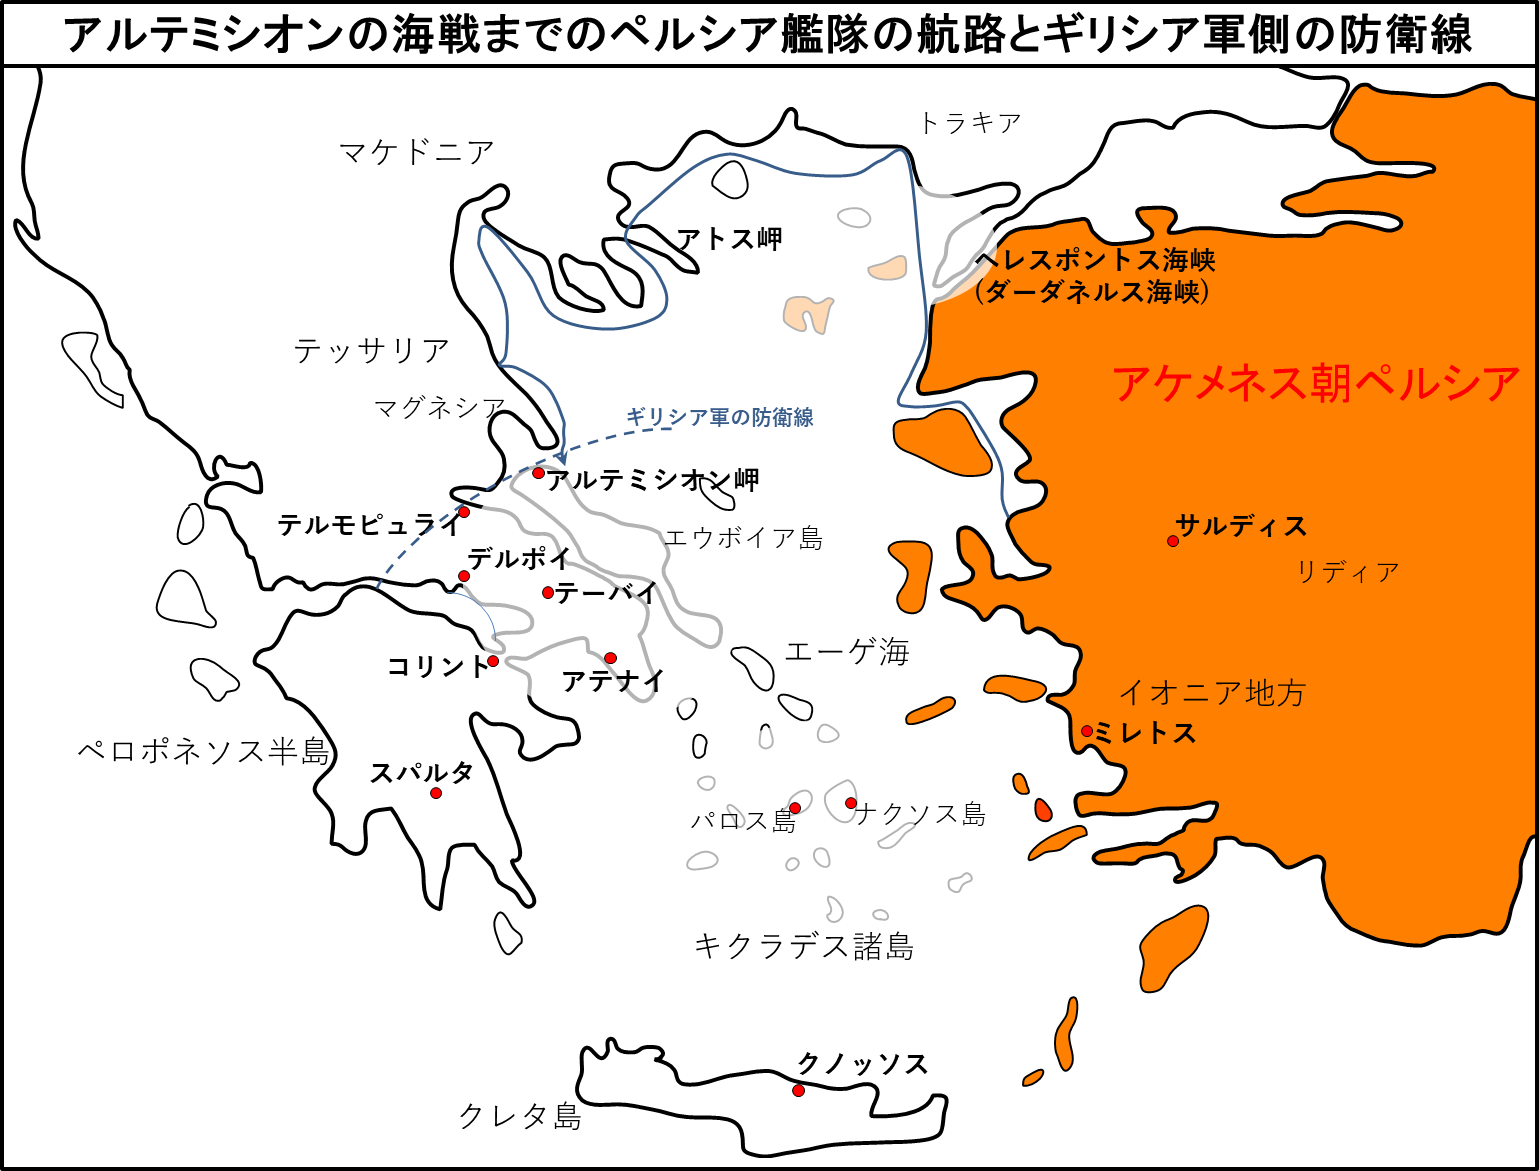 アルテミシオンの海戦までのペルシア艦隊の航路とギリシア軍側の防衛線